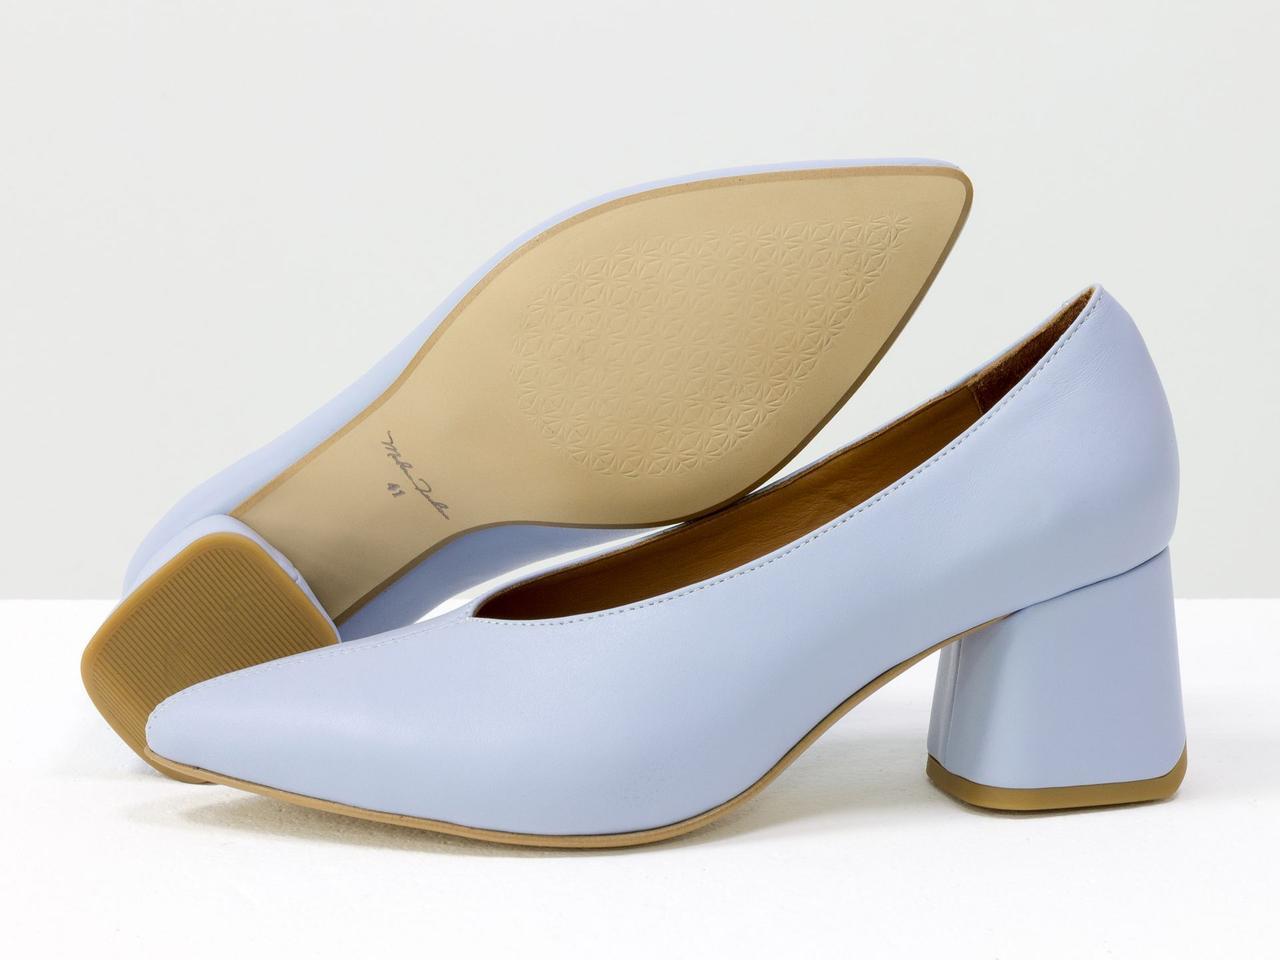 Туфли на обтяжном каблуке, выполнены из натуральной итальянской кожи небесно-голубого цвета